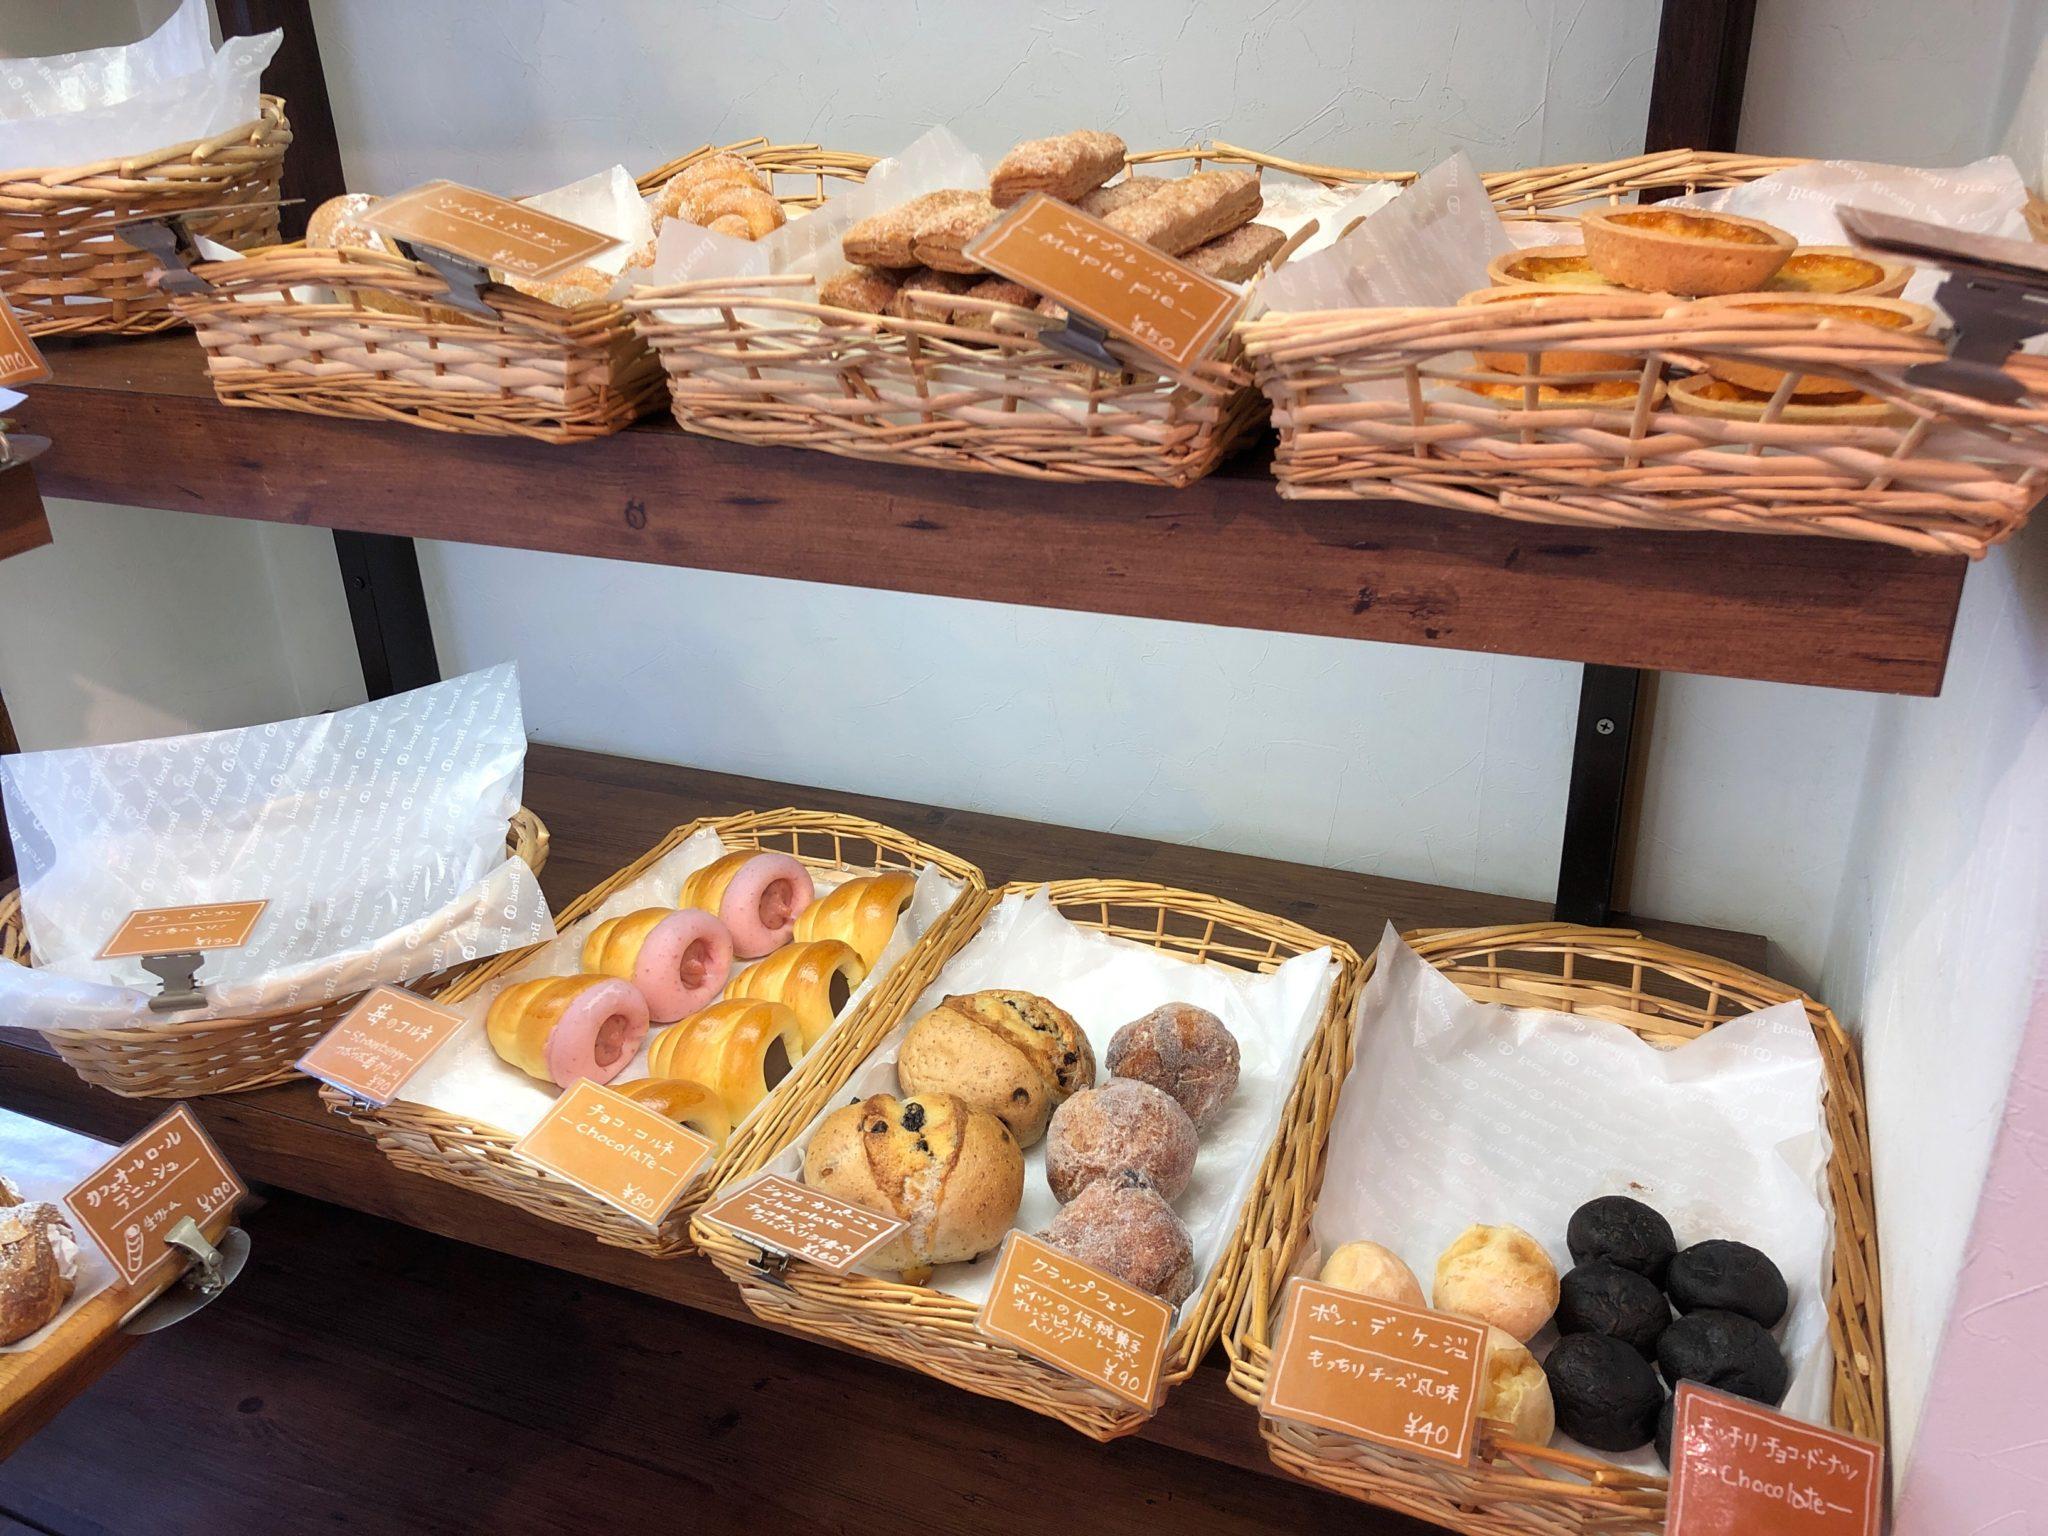 ル・ブランのメニュー プチプラなパン